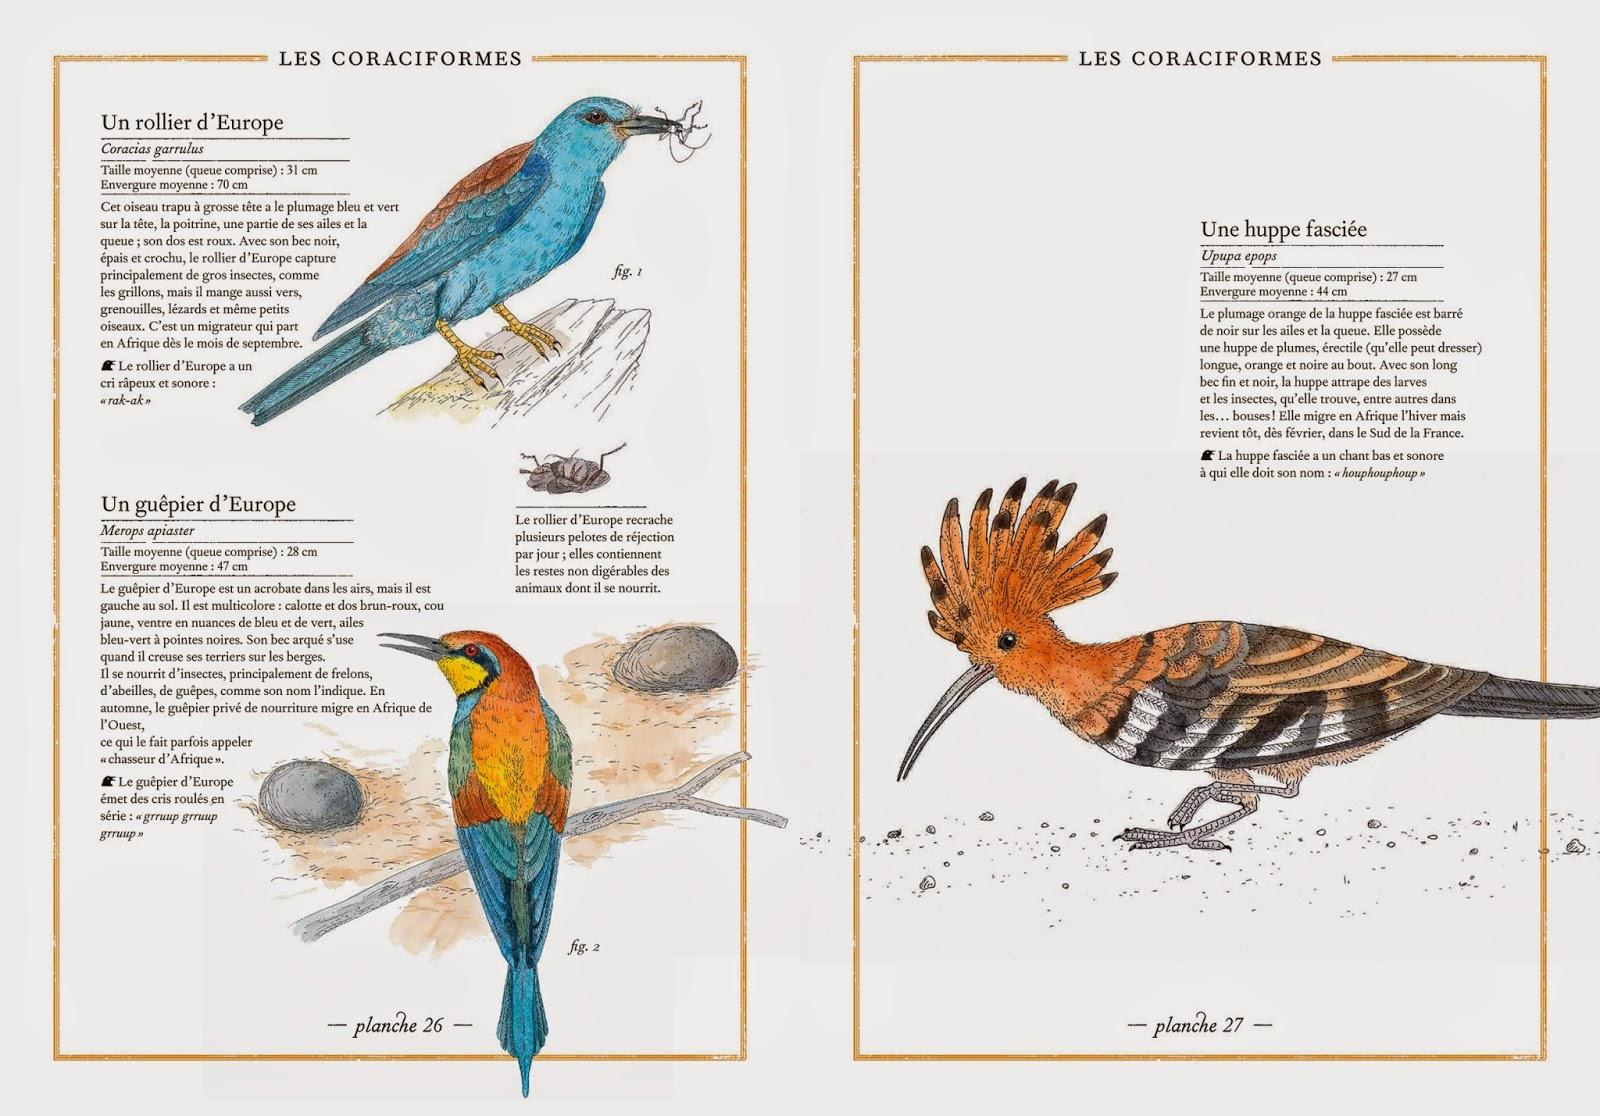 l'inventaire illustré des oiseaux, un livre présenté dans le nouvel article du bird-blog d'une histoire de plumes